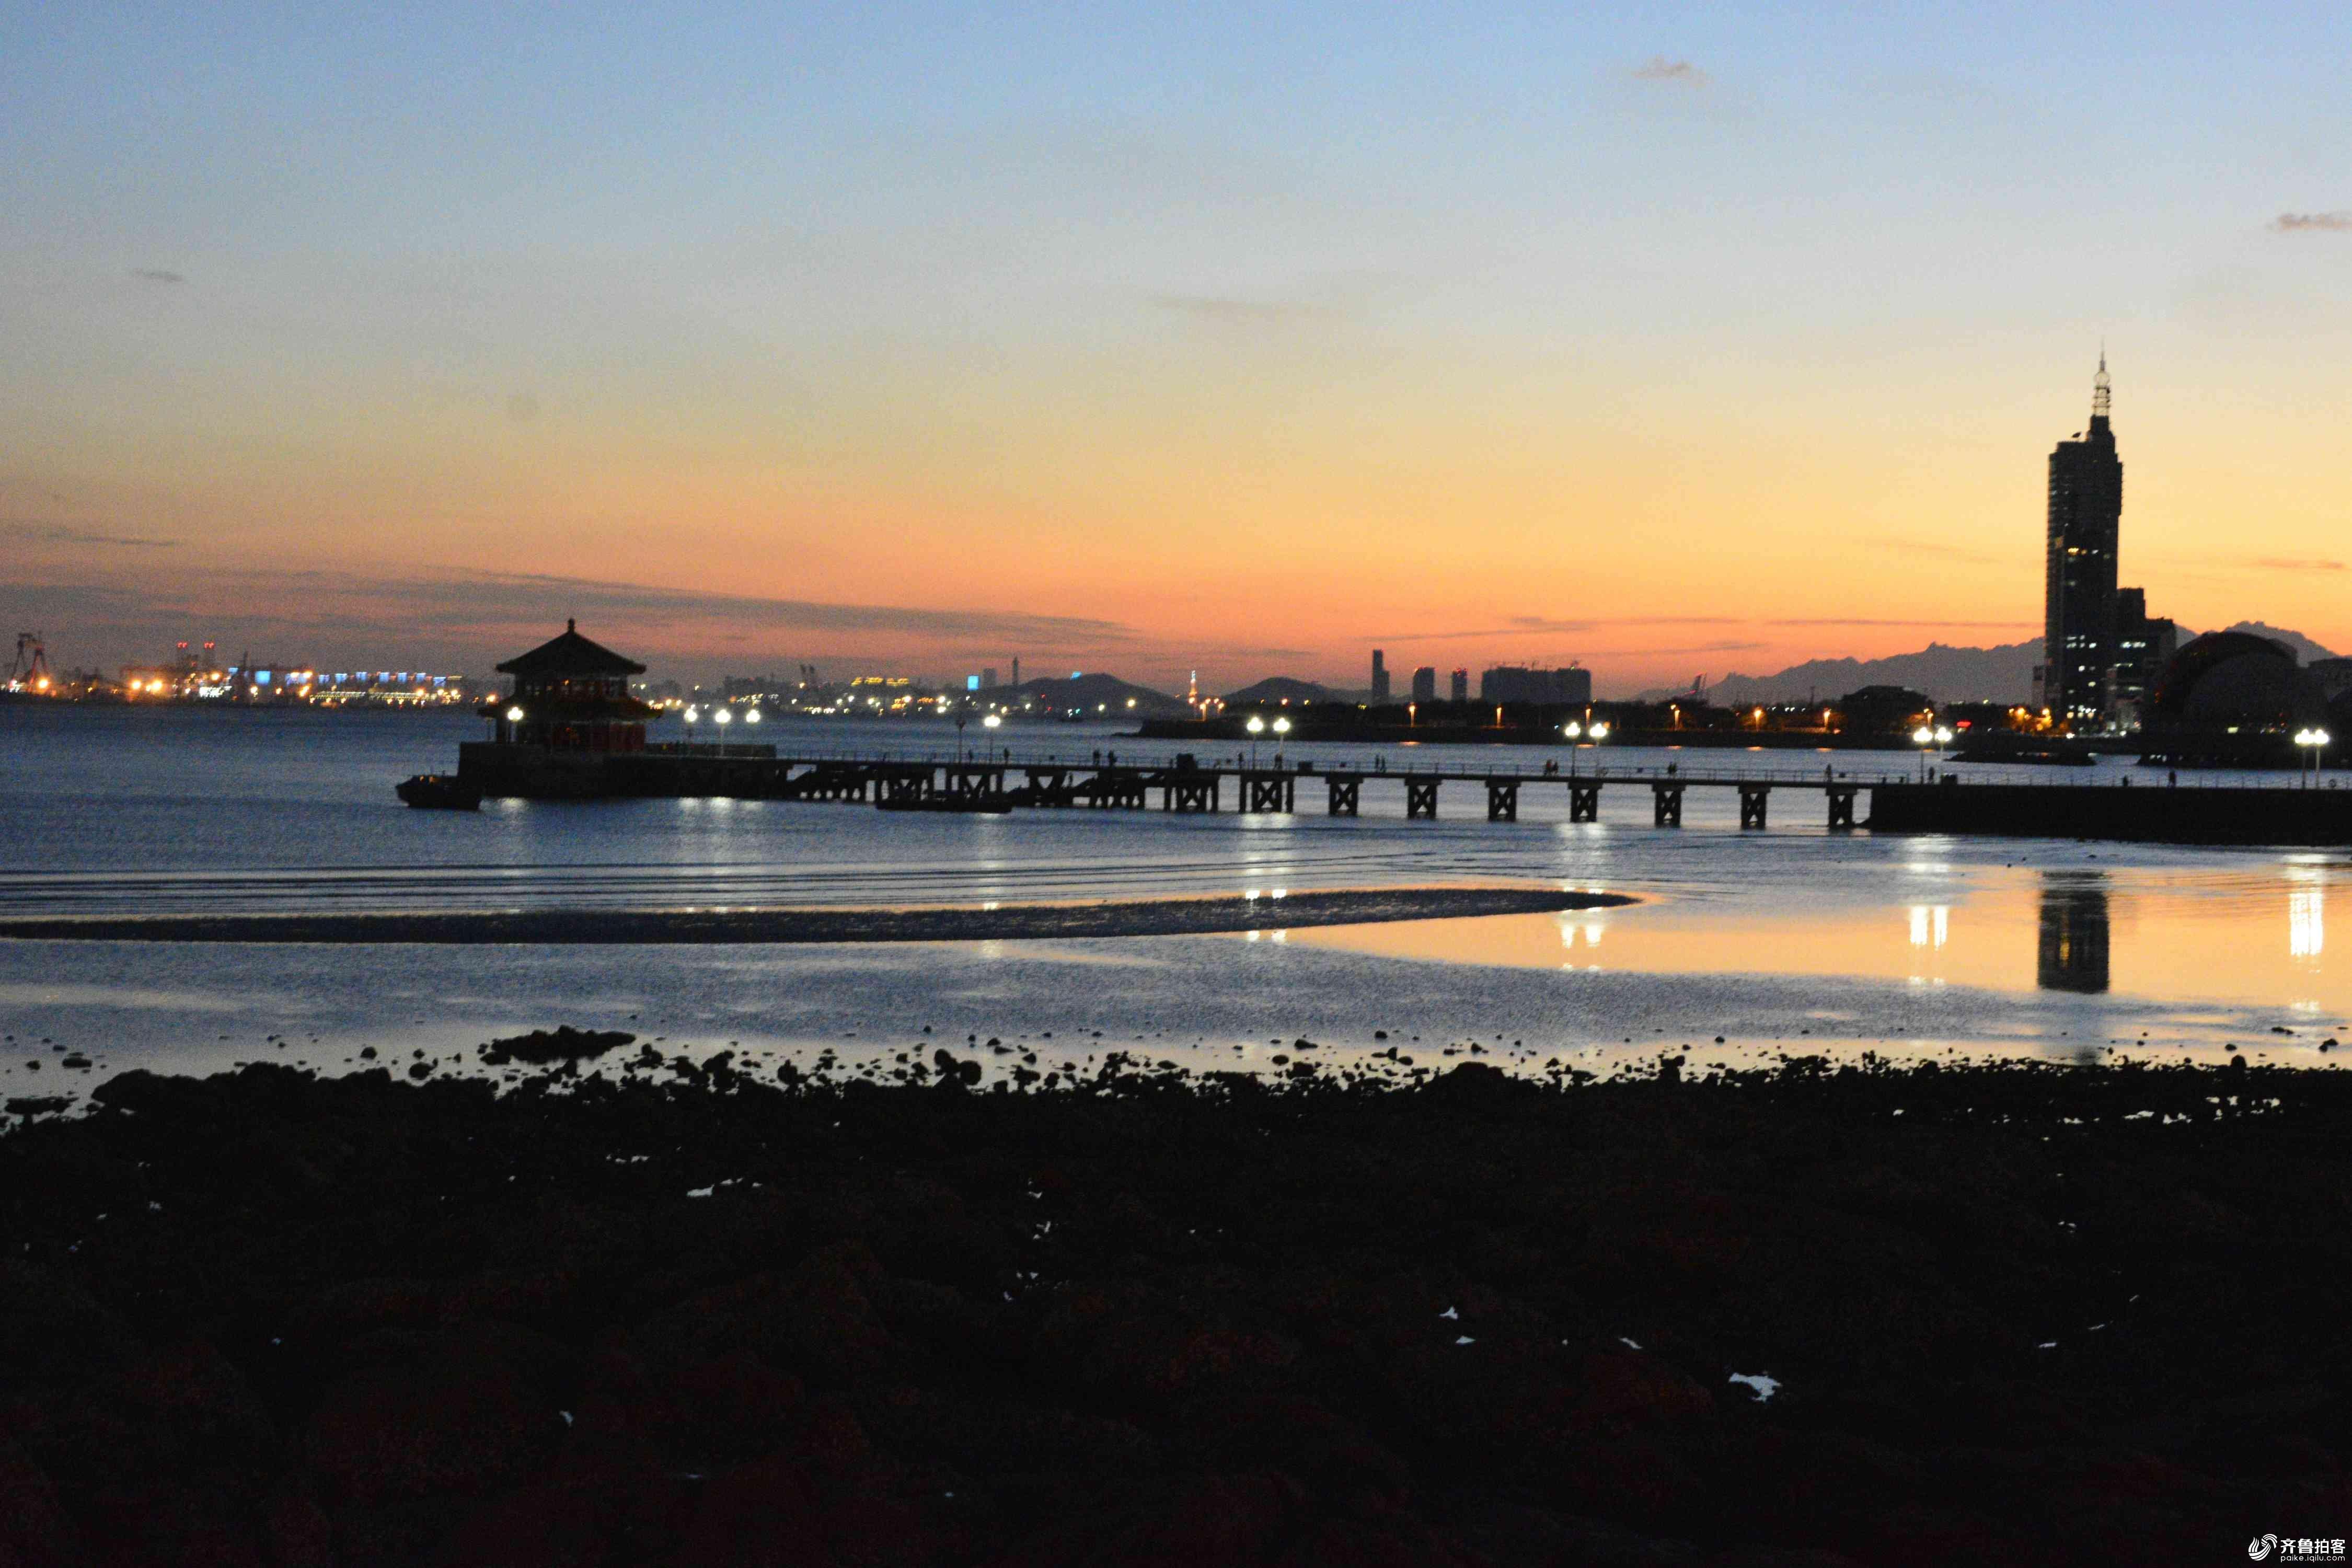 夜景下的青岛栈桥